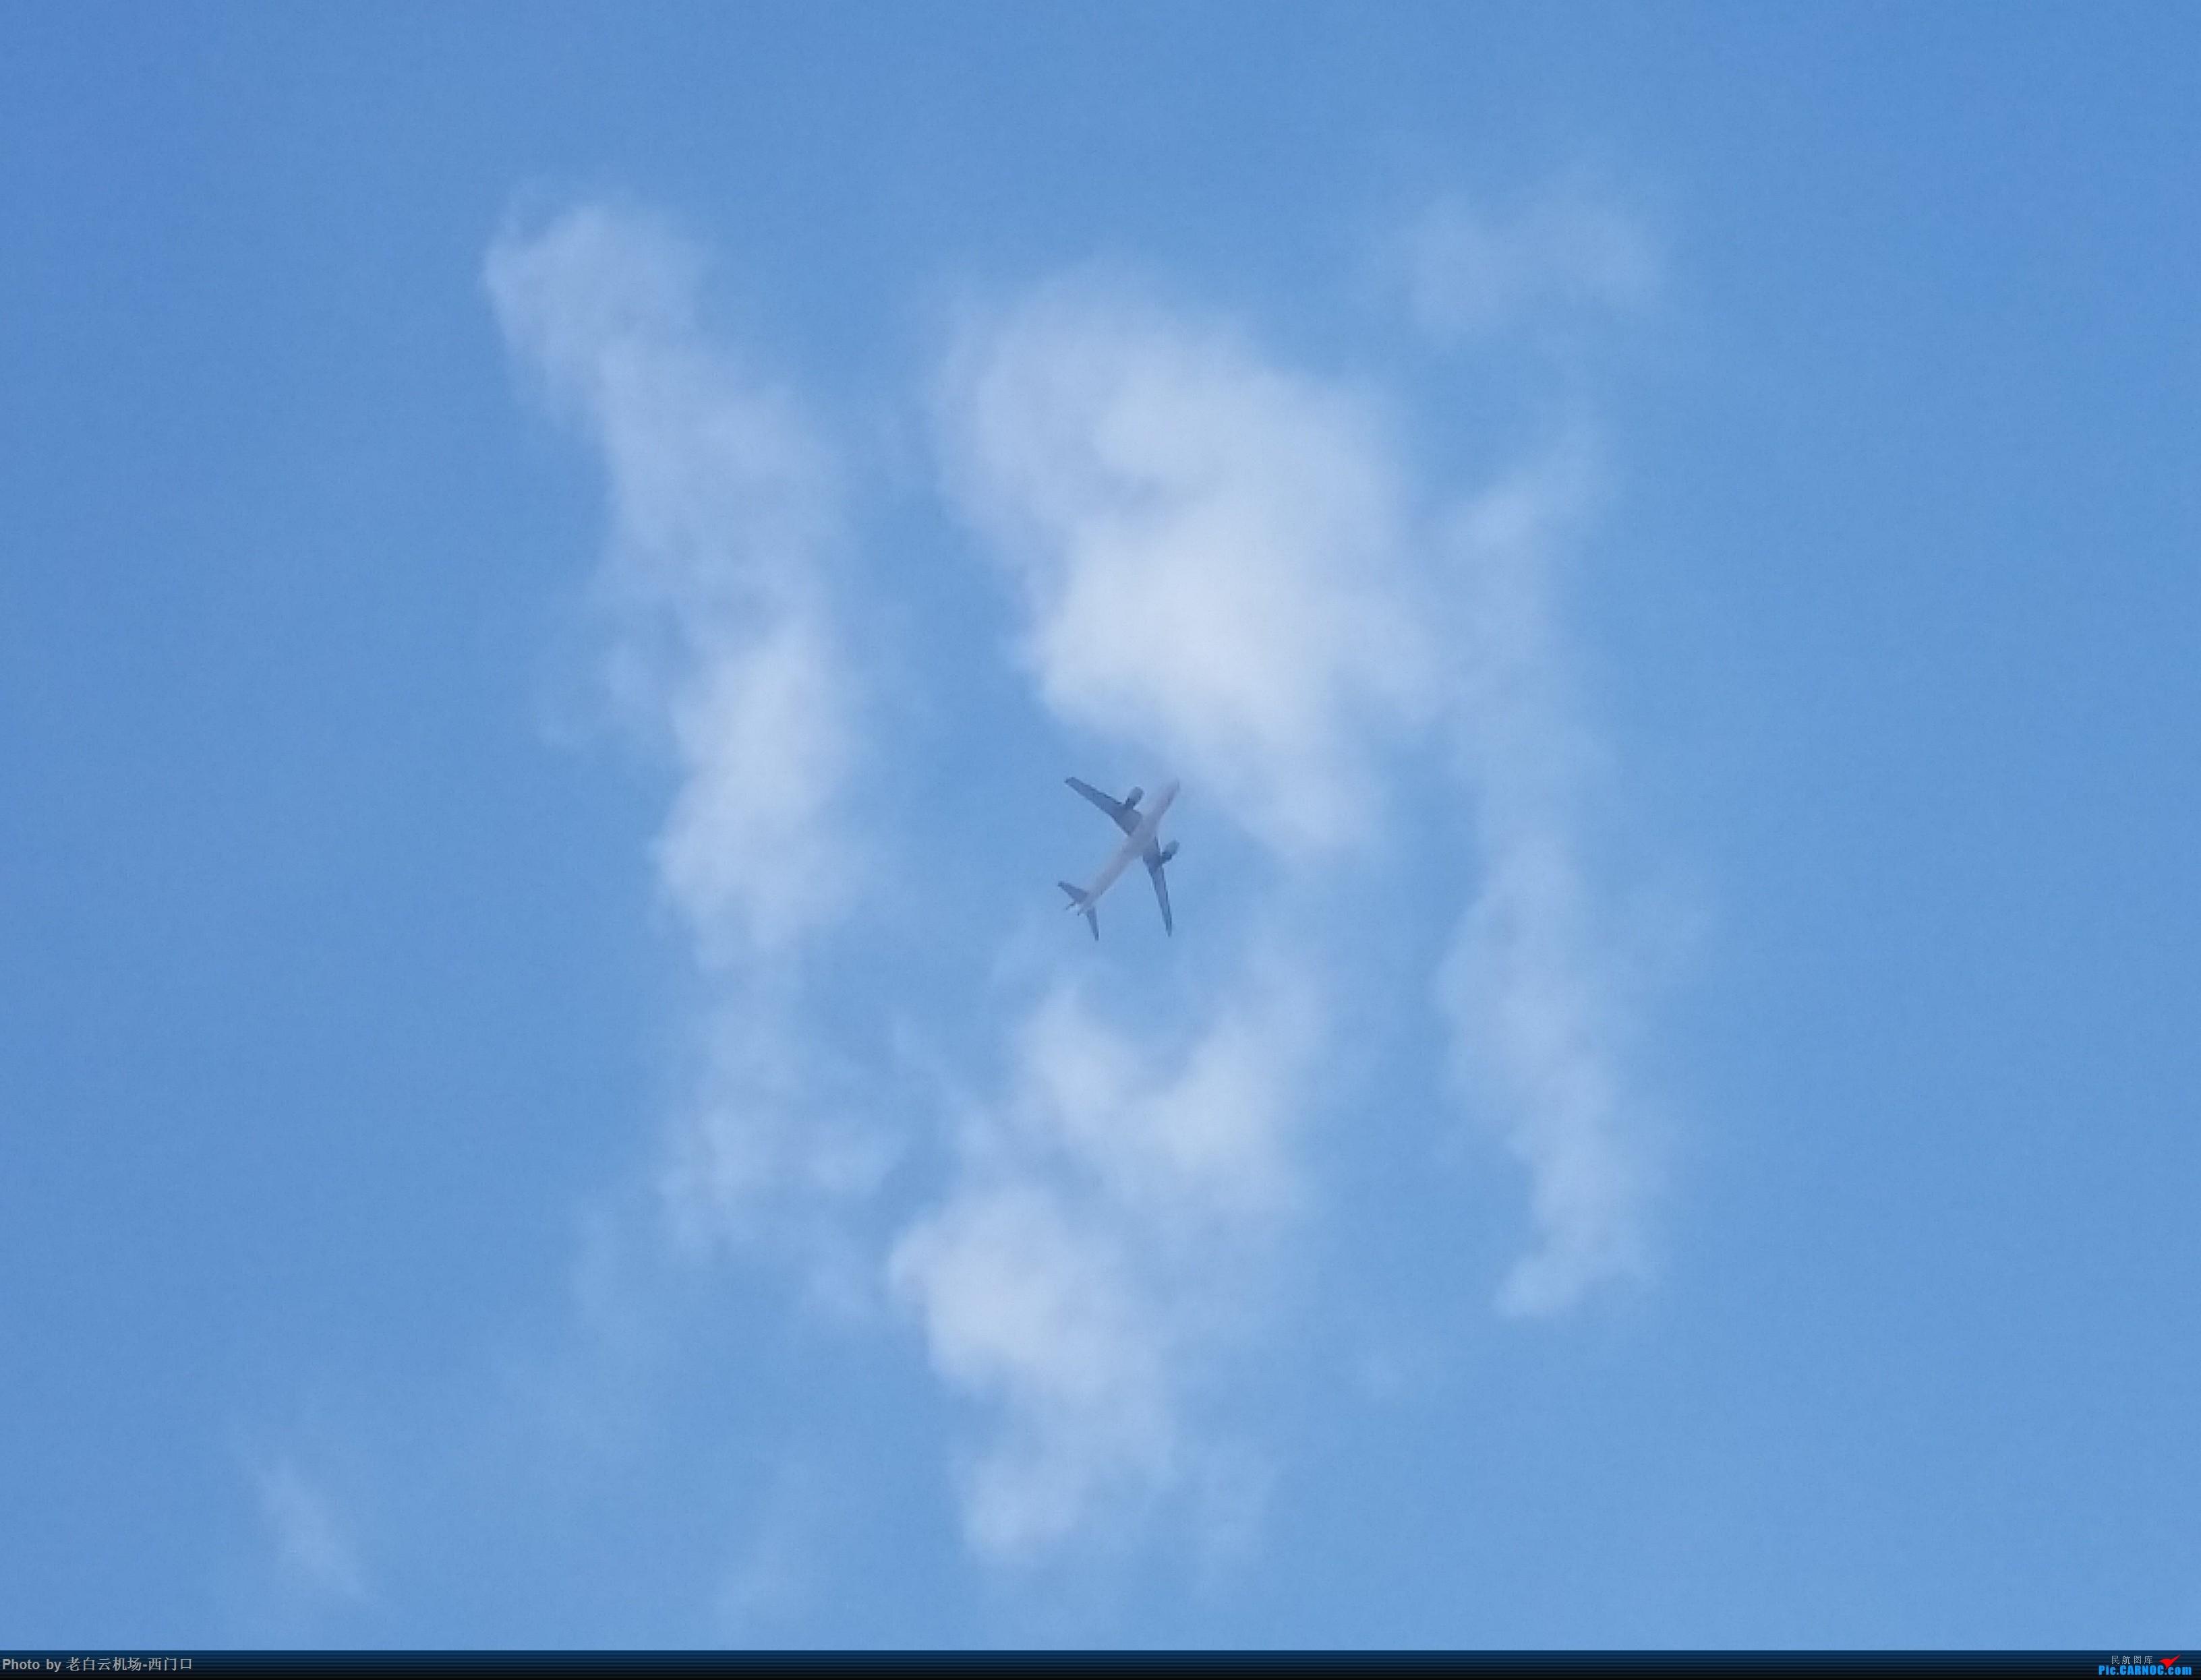 Re:[原创]我的拍飞机心情(广州) AIRBUS A330-300 不明 中国广东省广州市荔湾区西门口广场上空